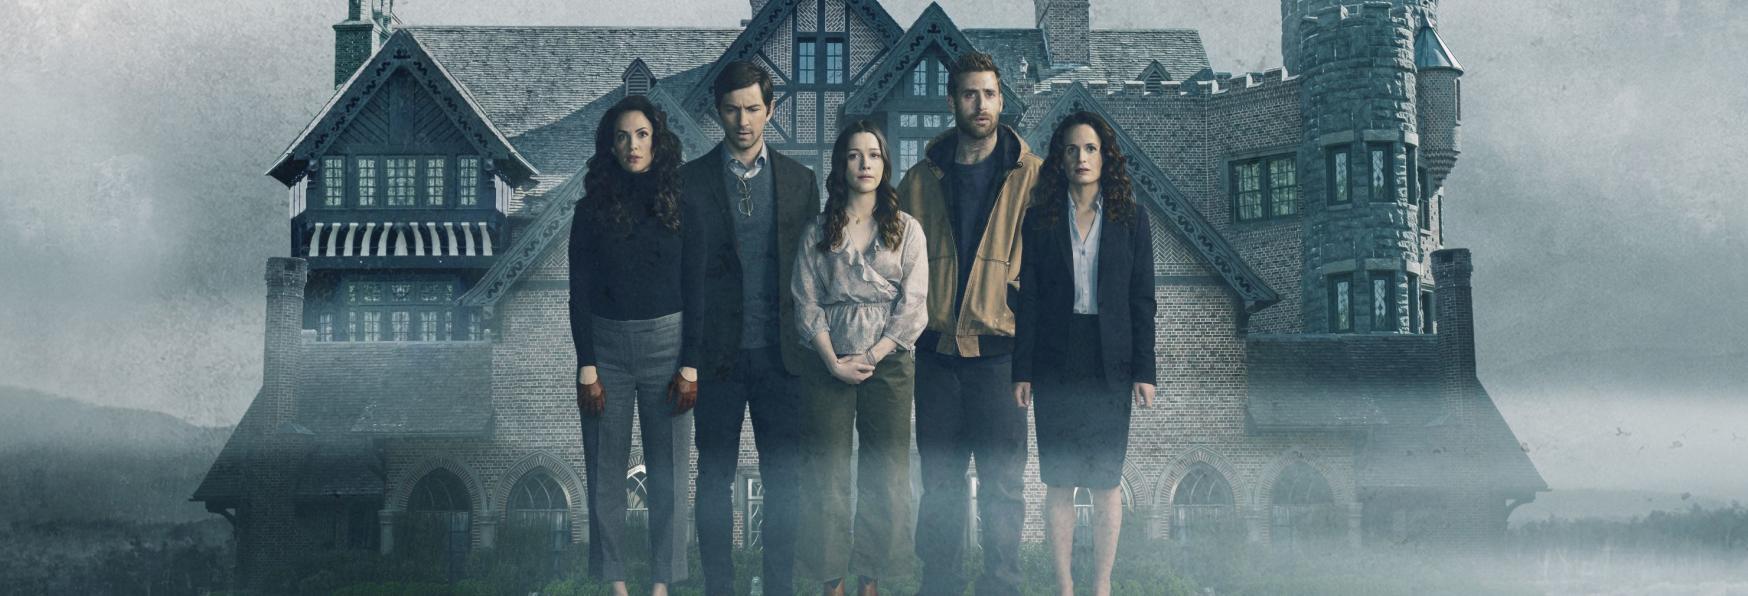 The Haunting of Hill House: Recensione della 1° Stagione dell'acclamata Serie TV Horror di Netflix